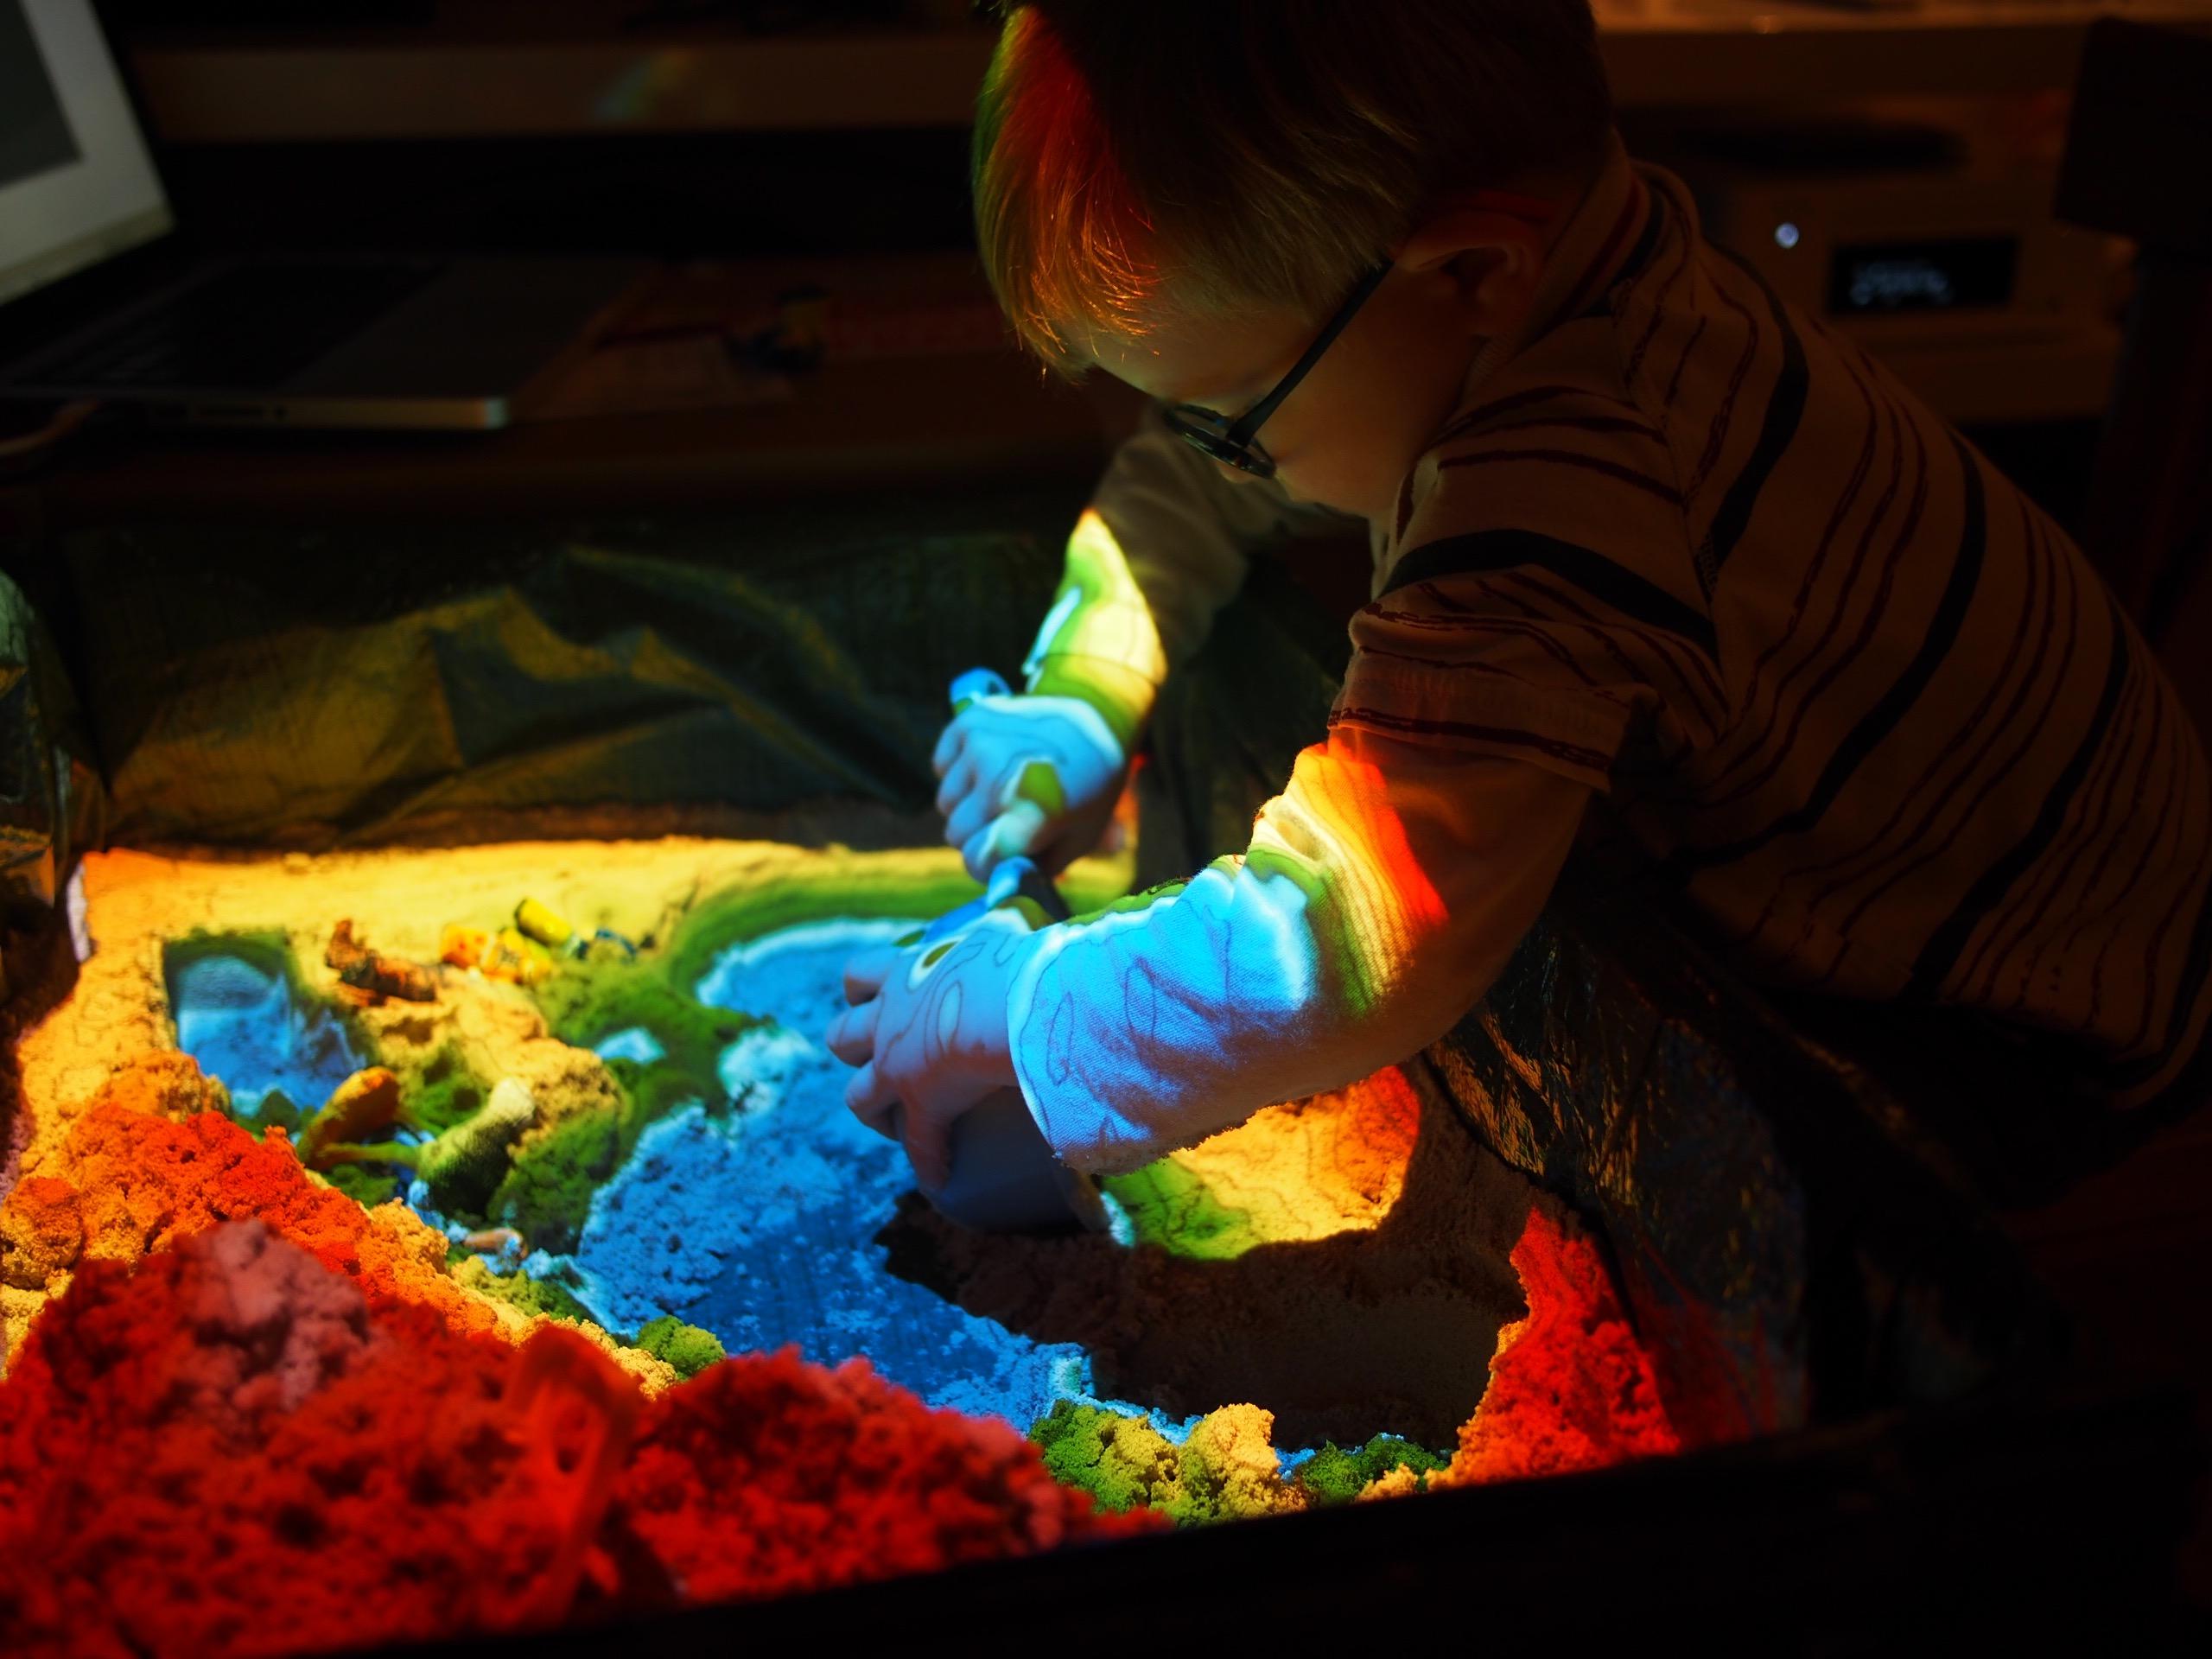 First View of a Magic Sandbox